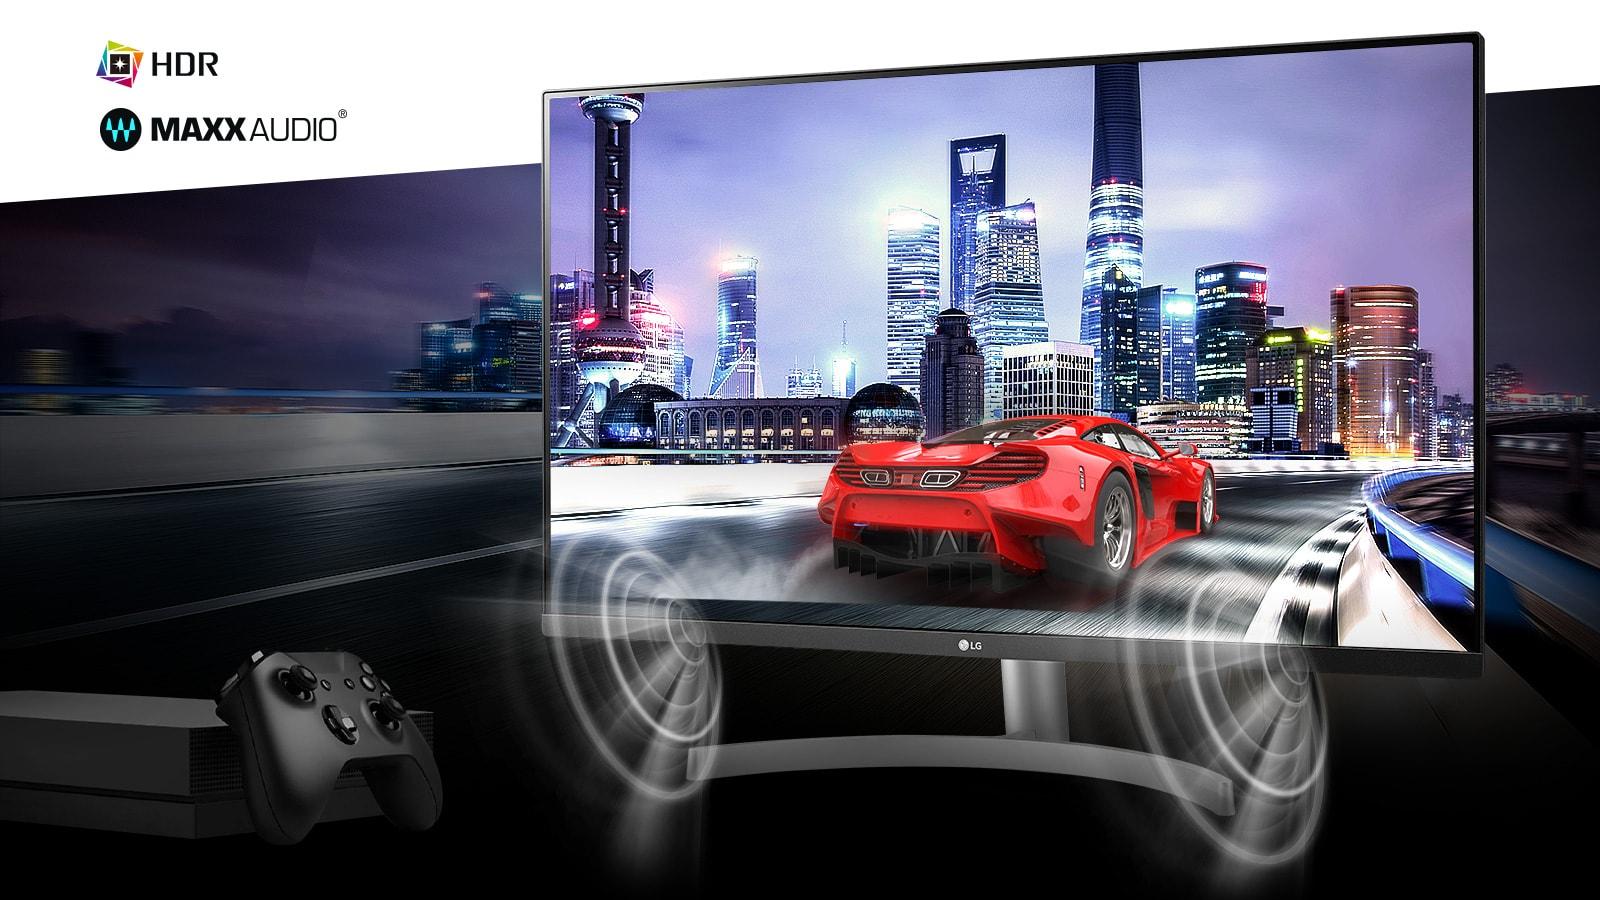 Trải nghiệm chơi trên máy chơi game 4K HDR chân thực với cảnh ô tô với MAXXAUDIO®